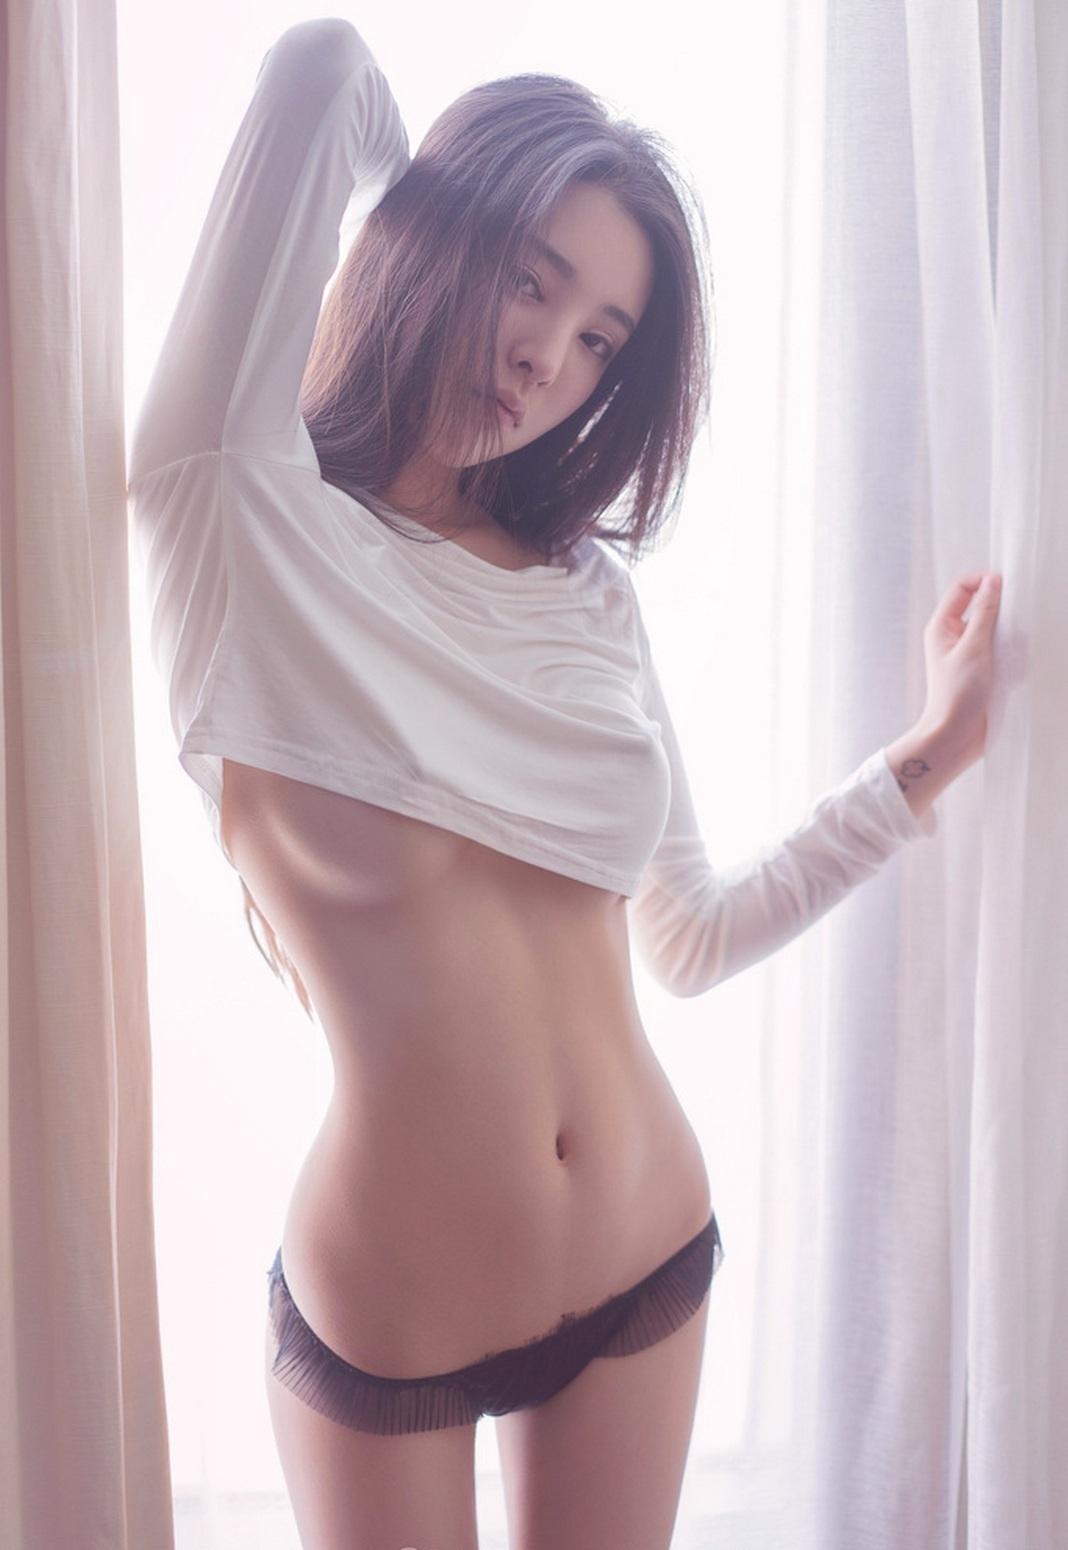 豊胸万歳!韓国美女の着衣巨乳&インスタ自撮りエロ画像97枚・8枚目の画像